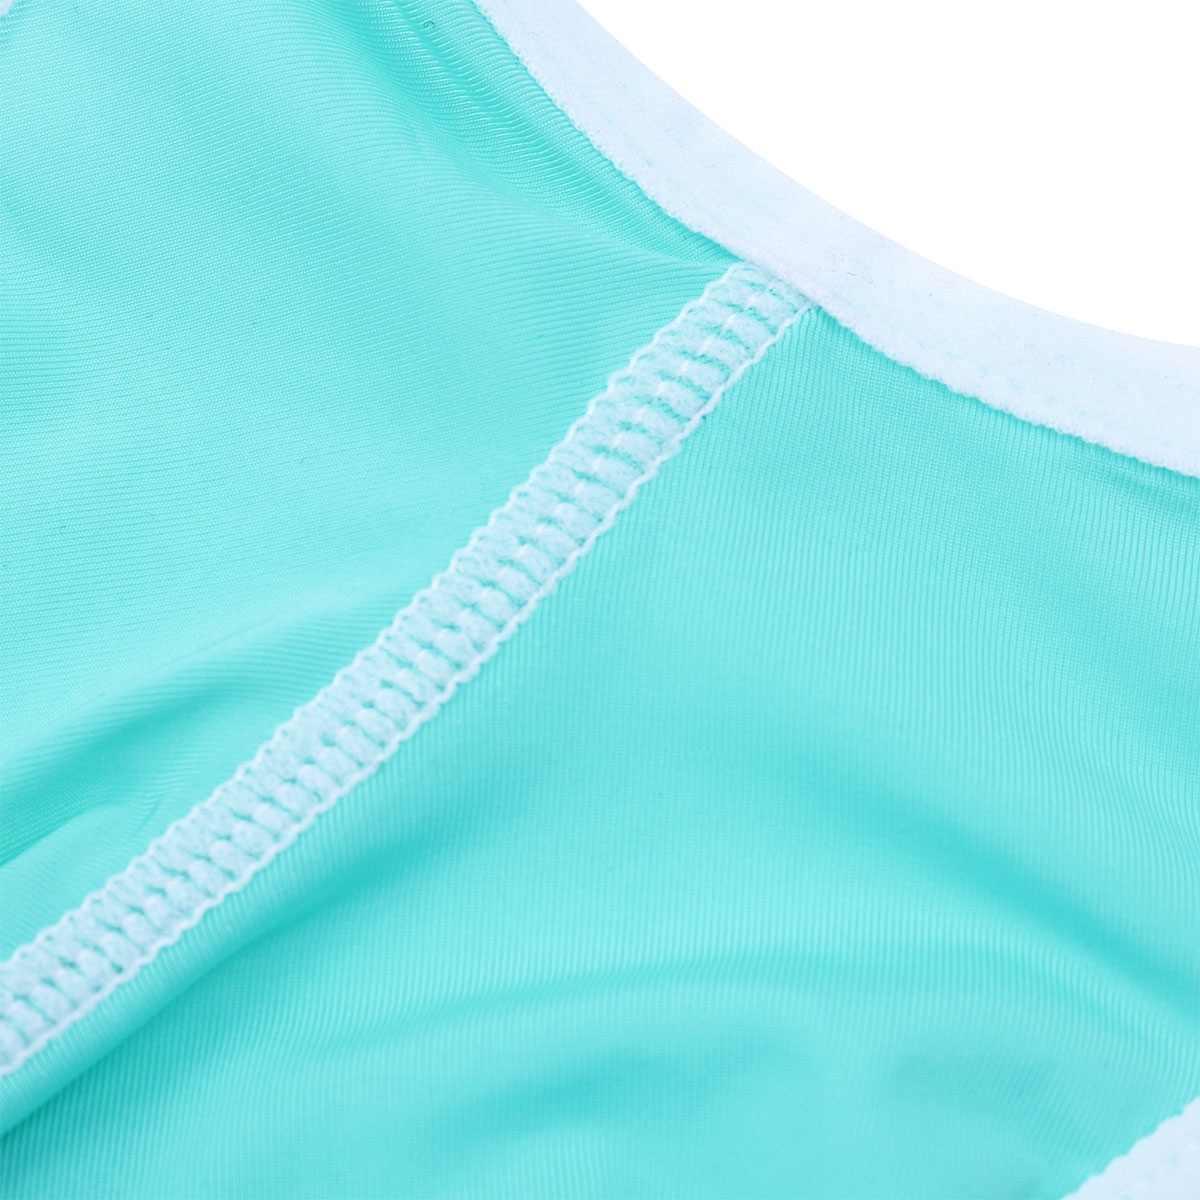 ملابس سباحة للرجال ملابس داخلية للمثليين سراويل بيكيني قصيرة ملابس داخلية مثيرة مفتوحة طويلة الغمد الانتفاخ الحقيبة سراويل داخلية للذكور